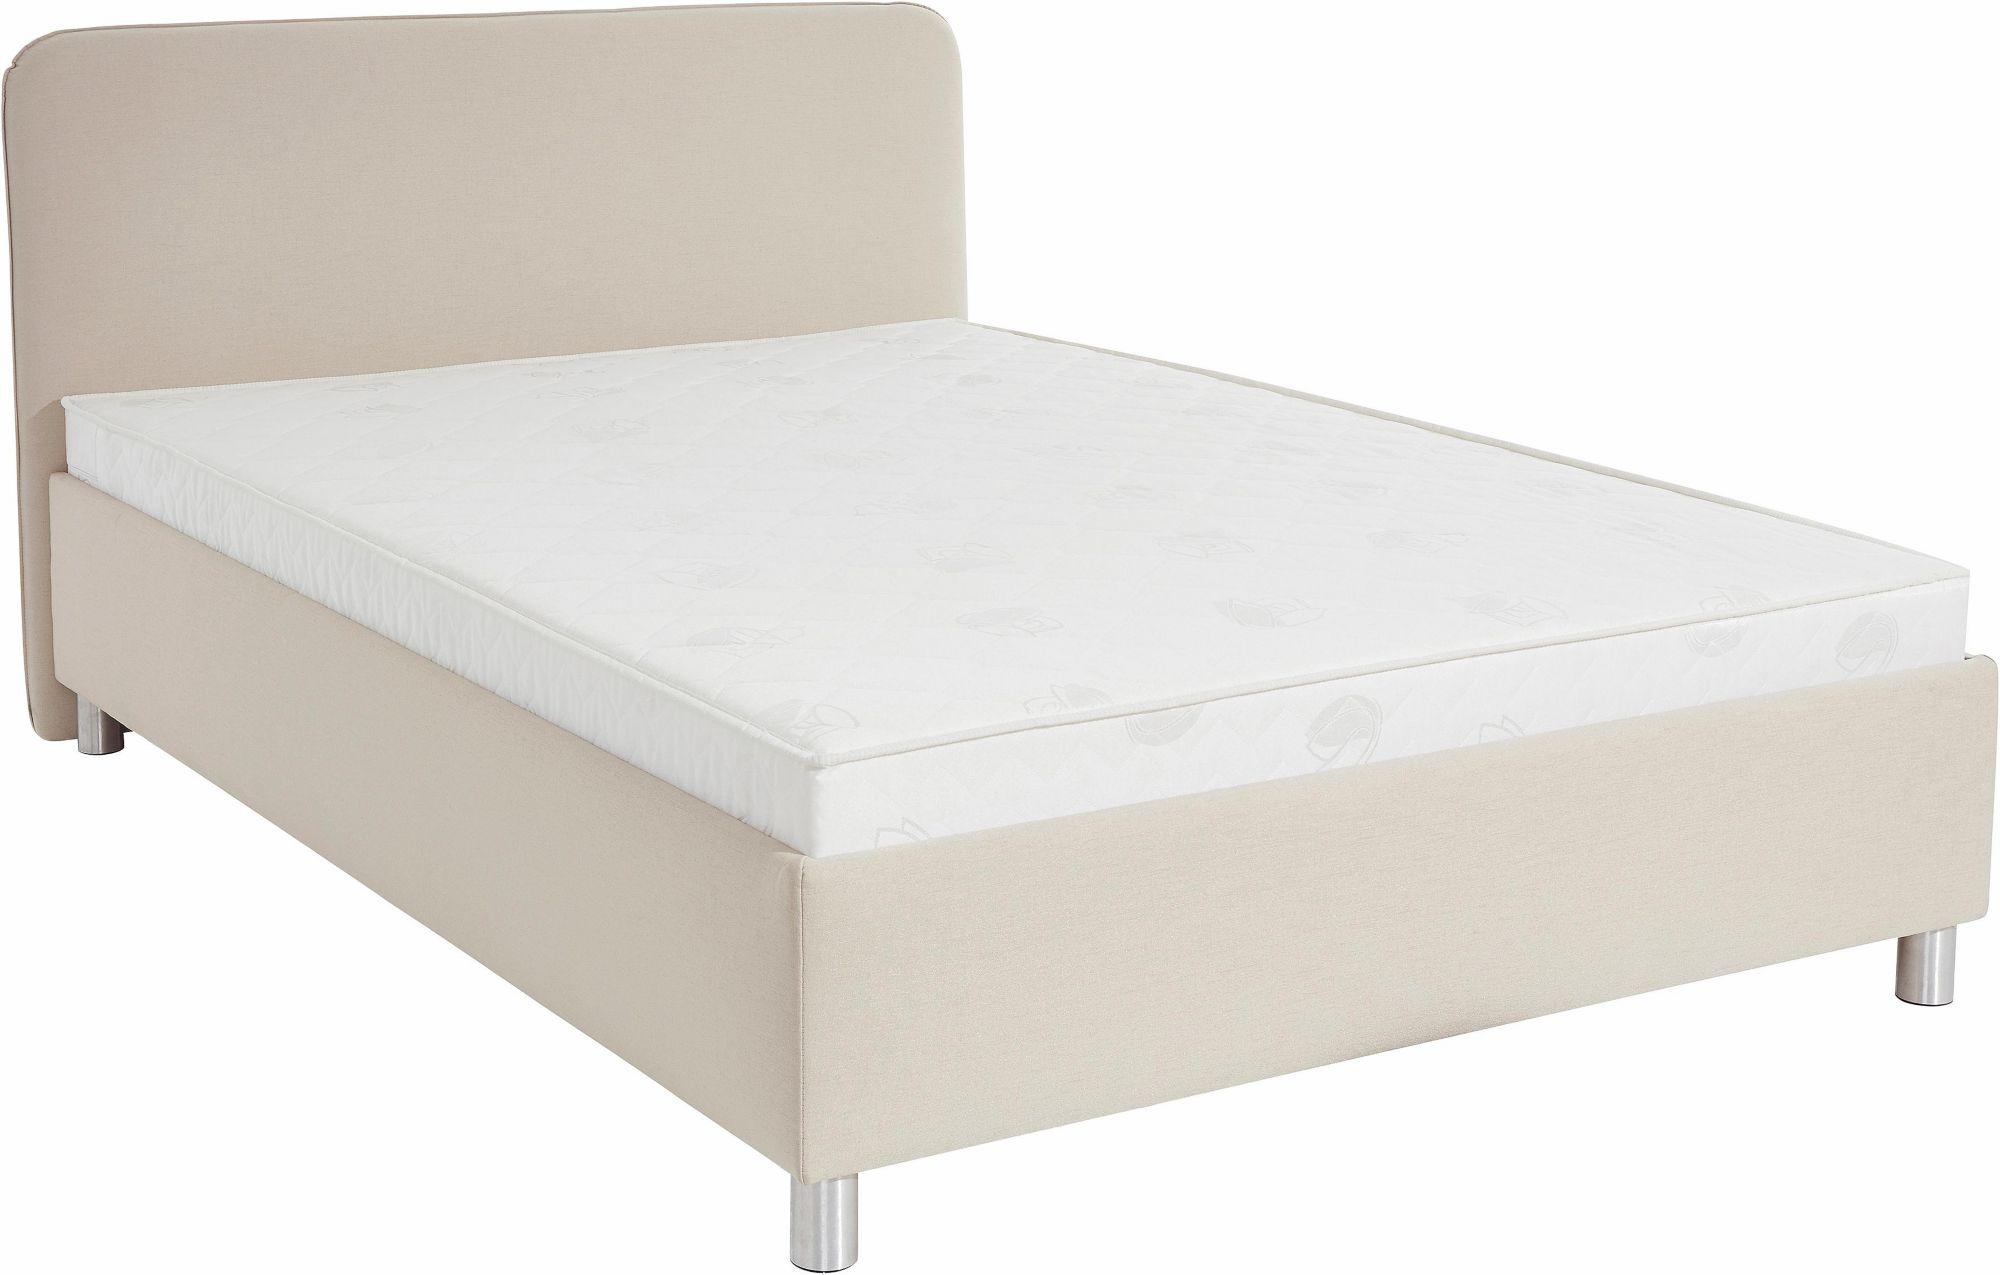 maintal polsterbett mit bettkasten schwab versand polsterbetten mit bettkasten. Black Bedroom Furniture Sets. Home Design Ideas